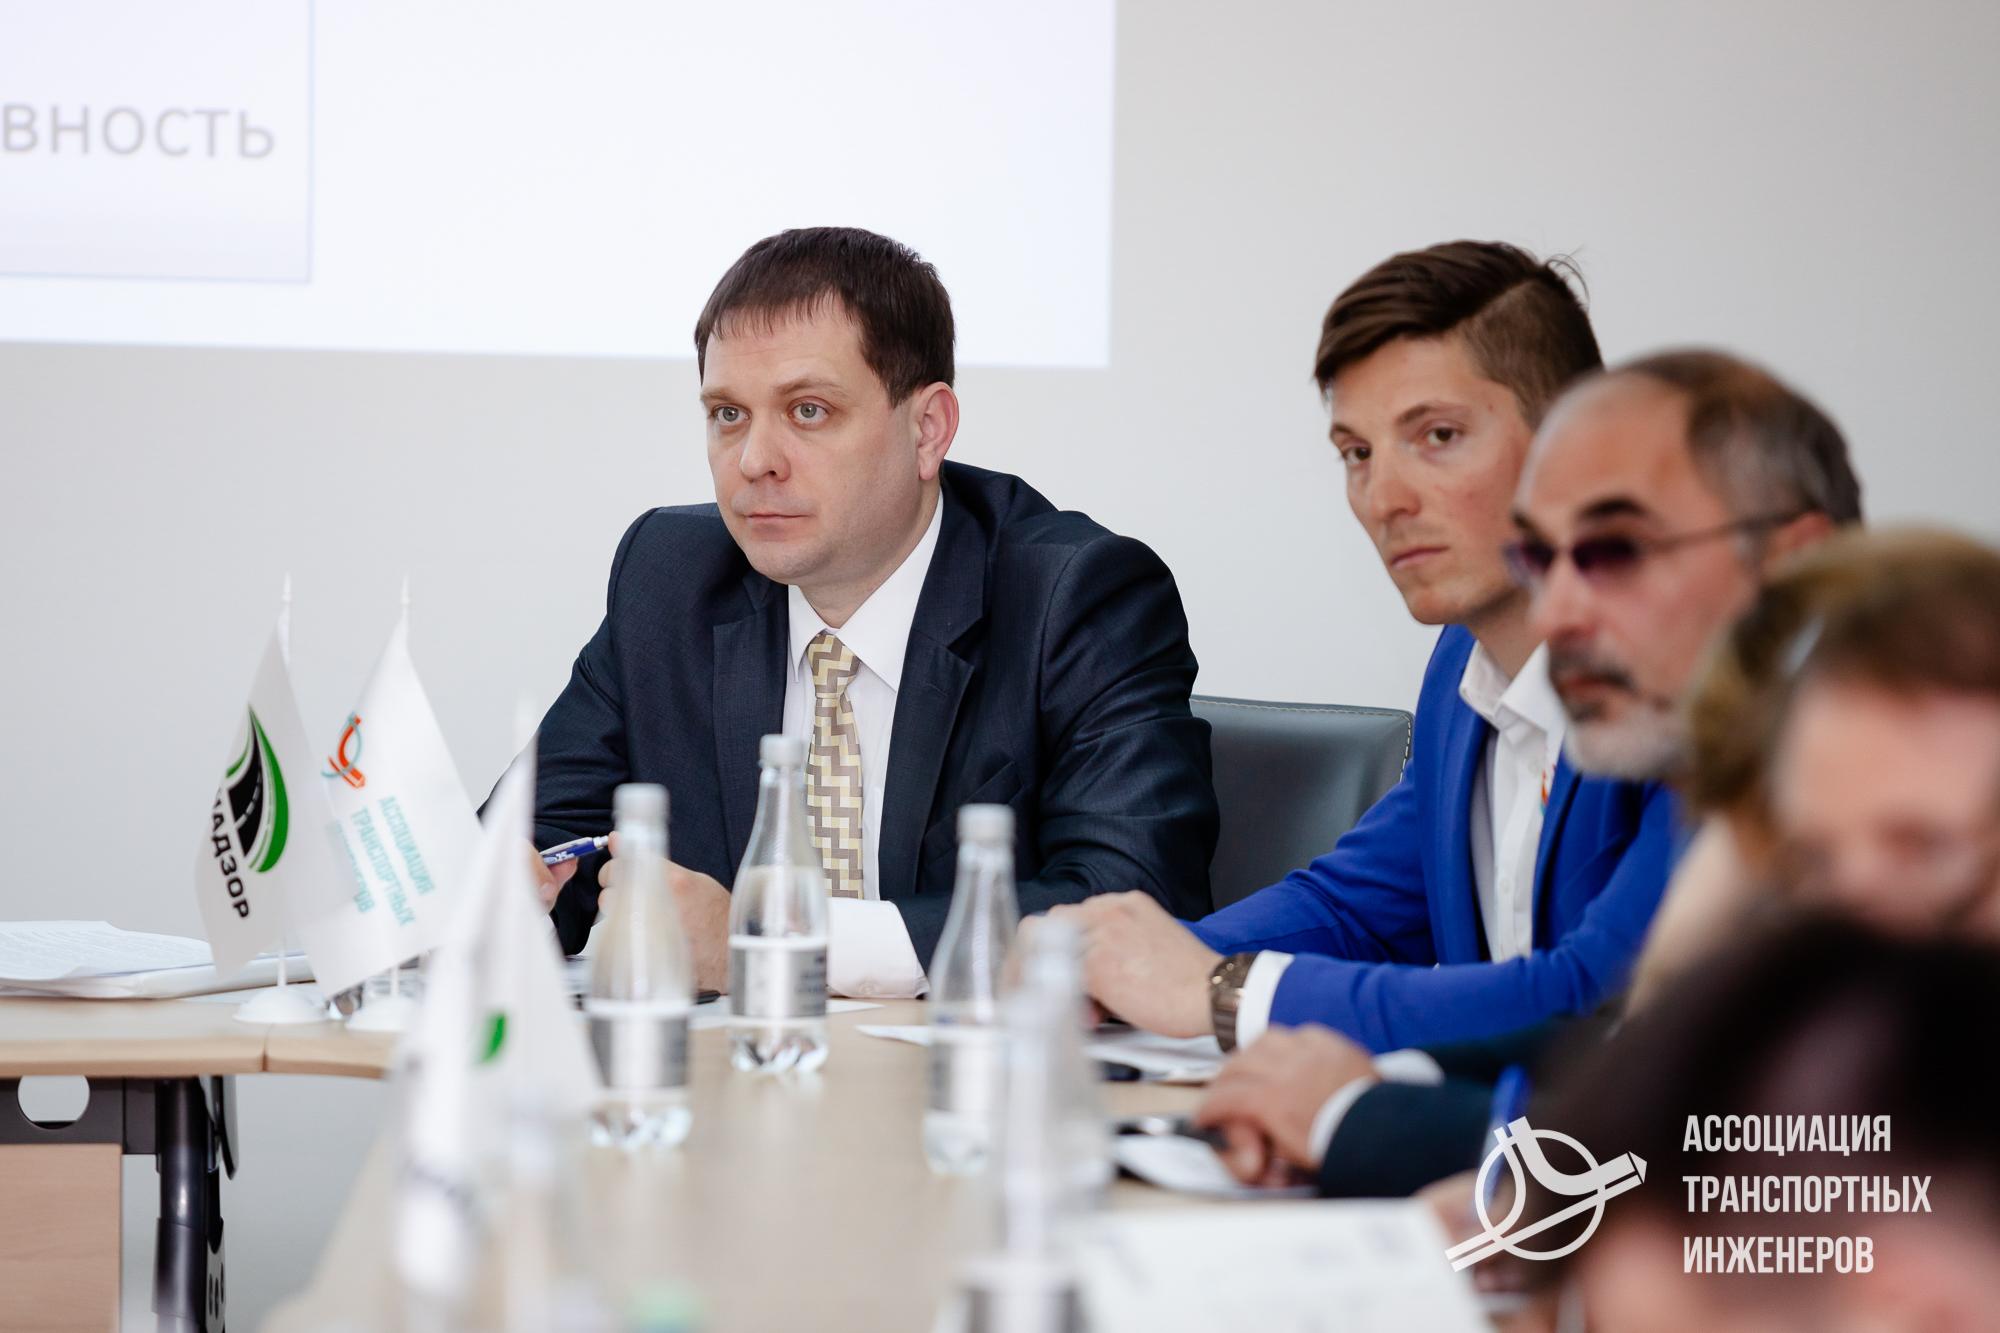 Конференция ТПиМ, 12 апреля  2019  (835)